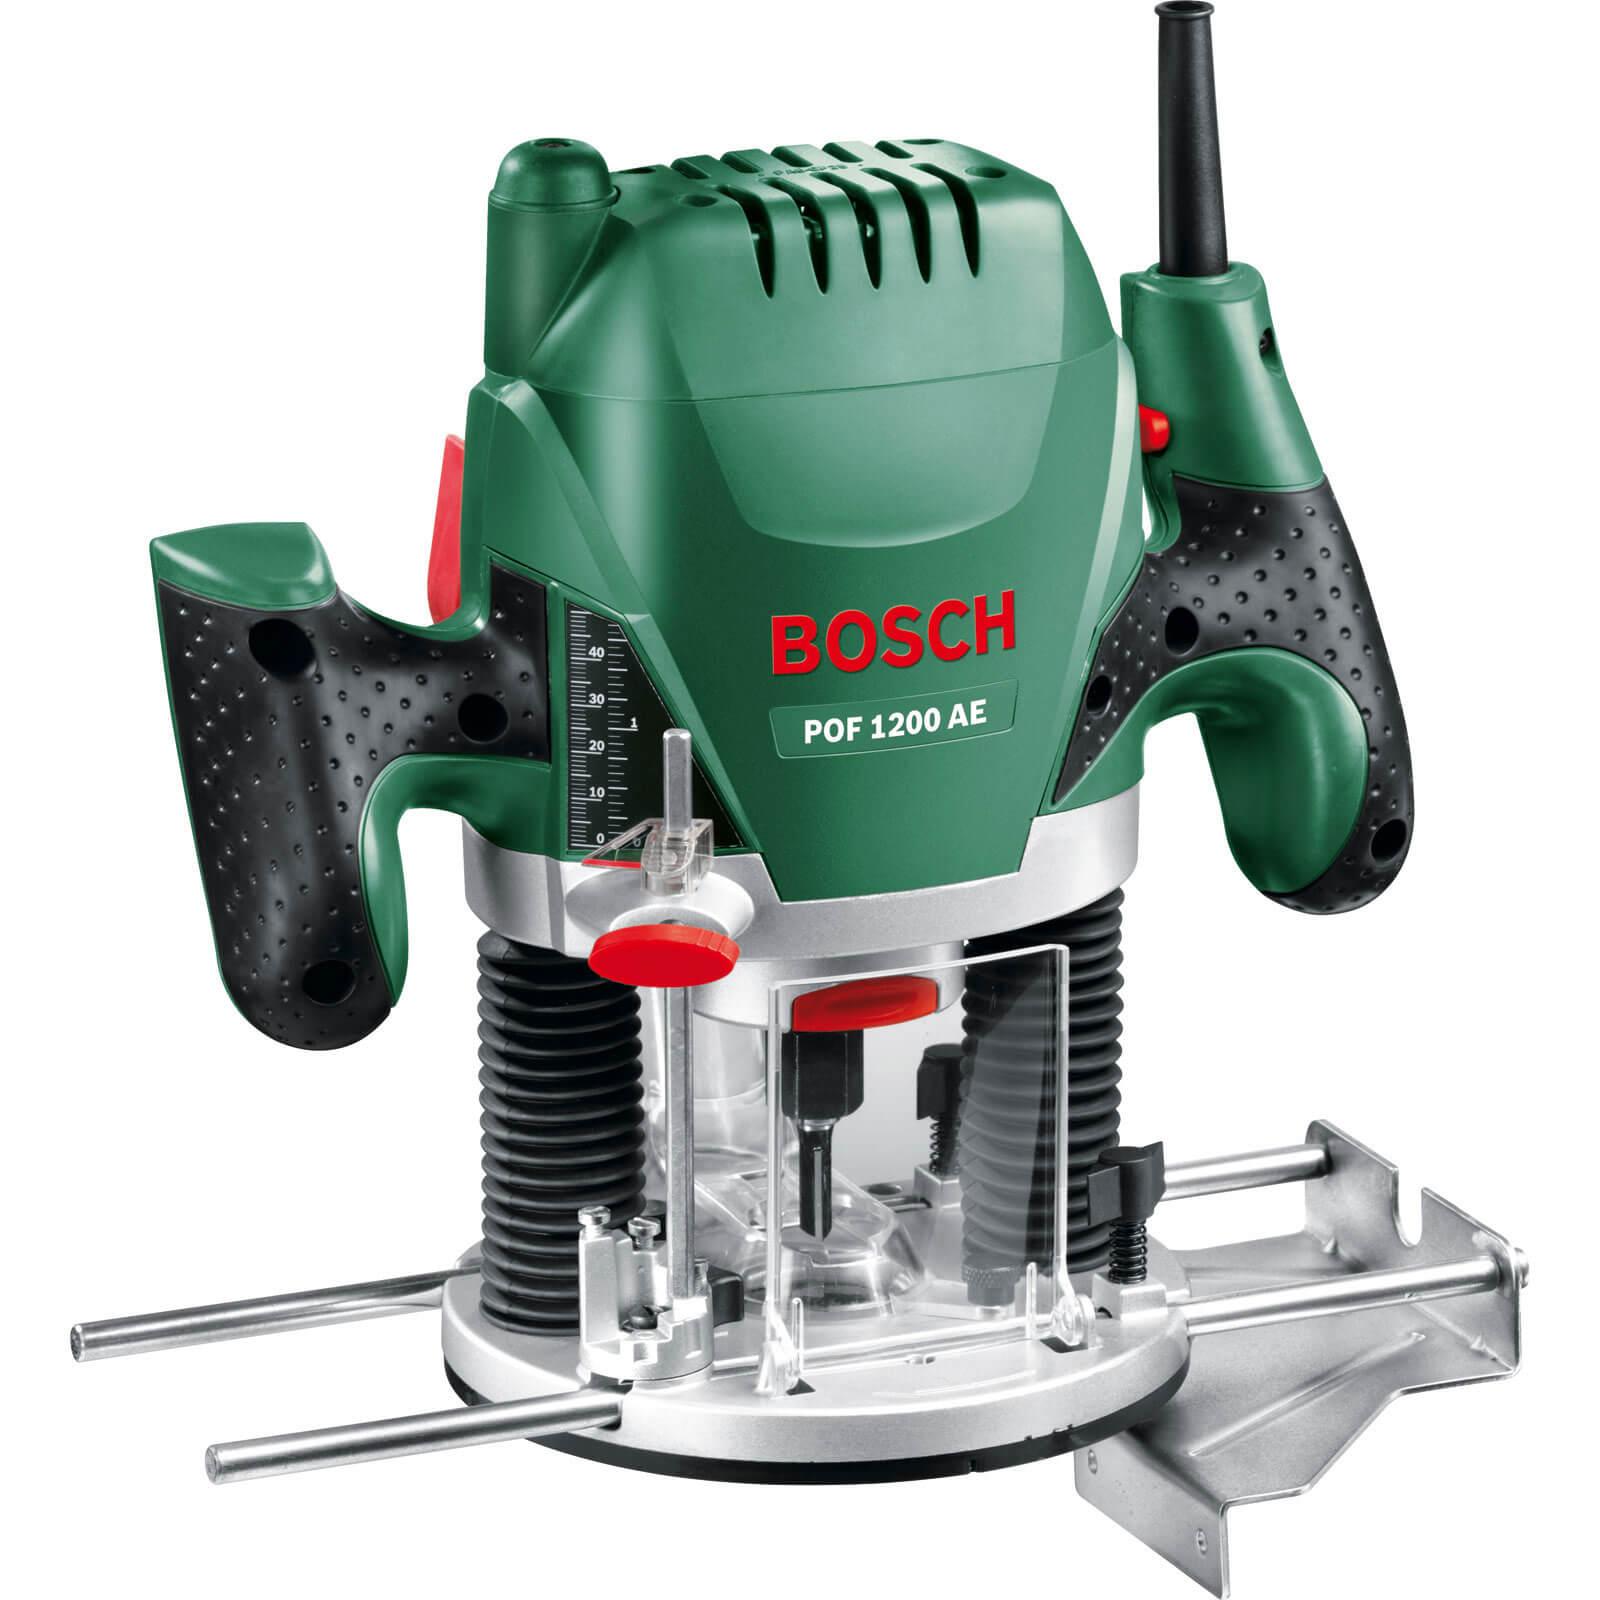 Bosch POF 1200AE 1/4